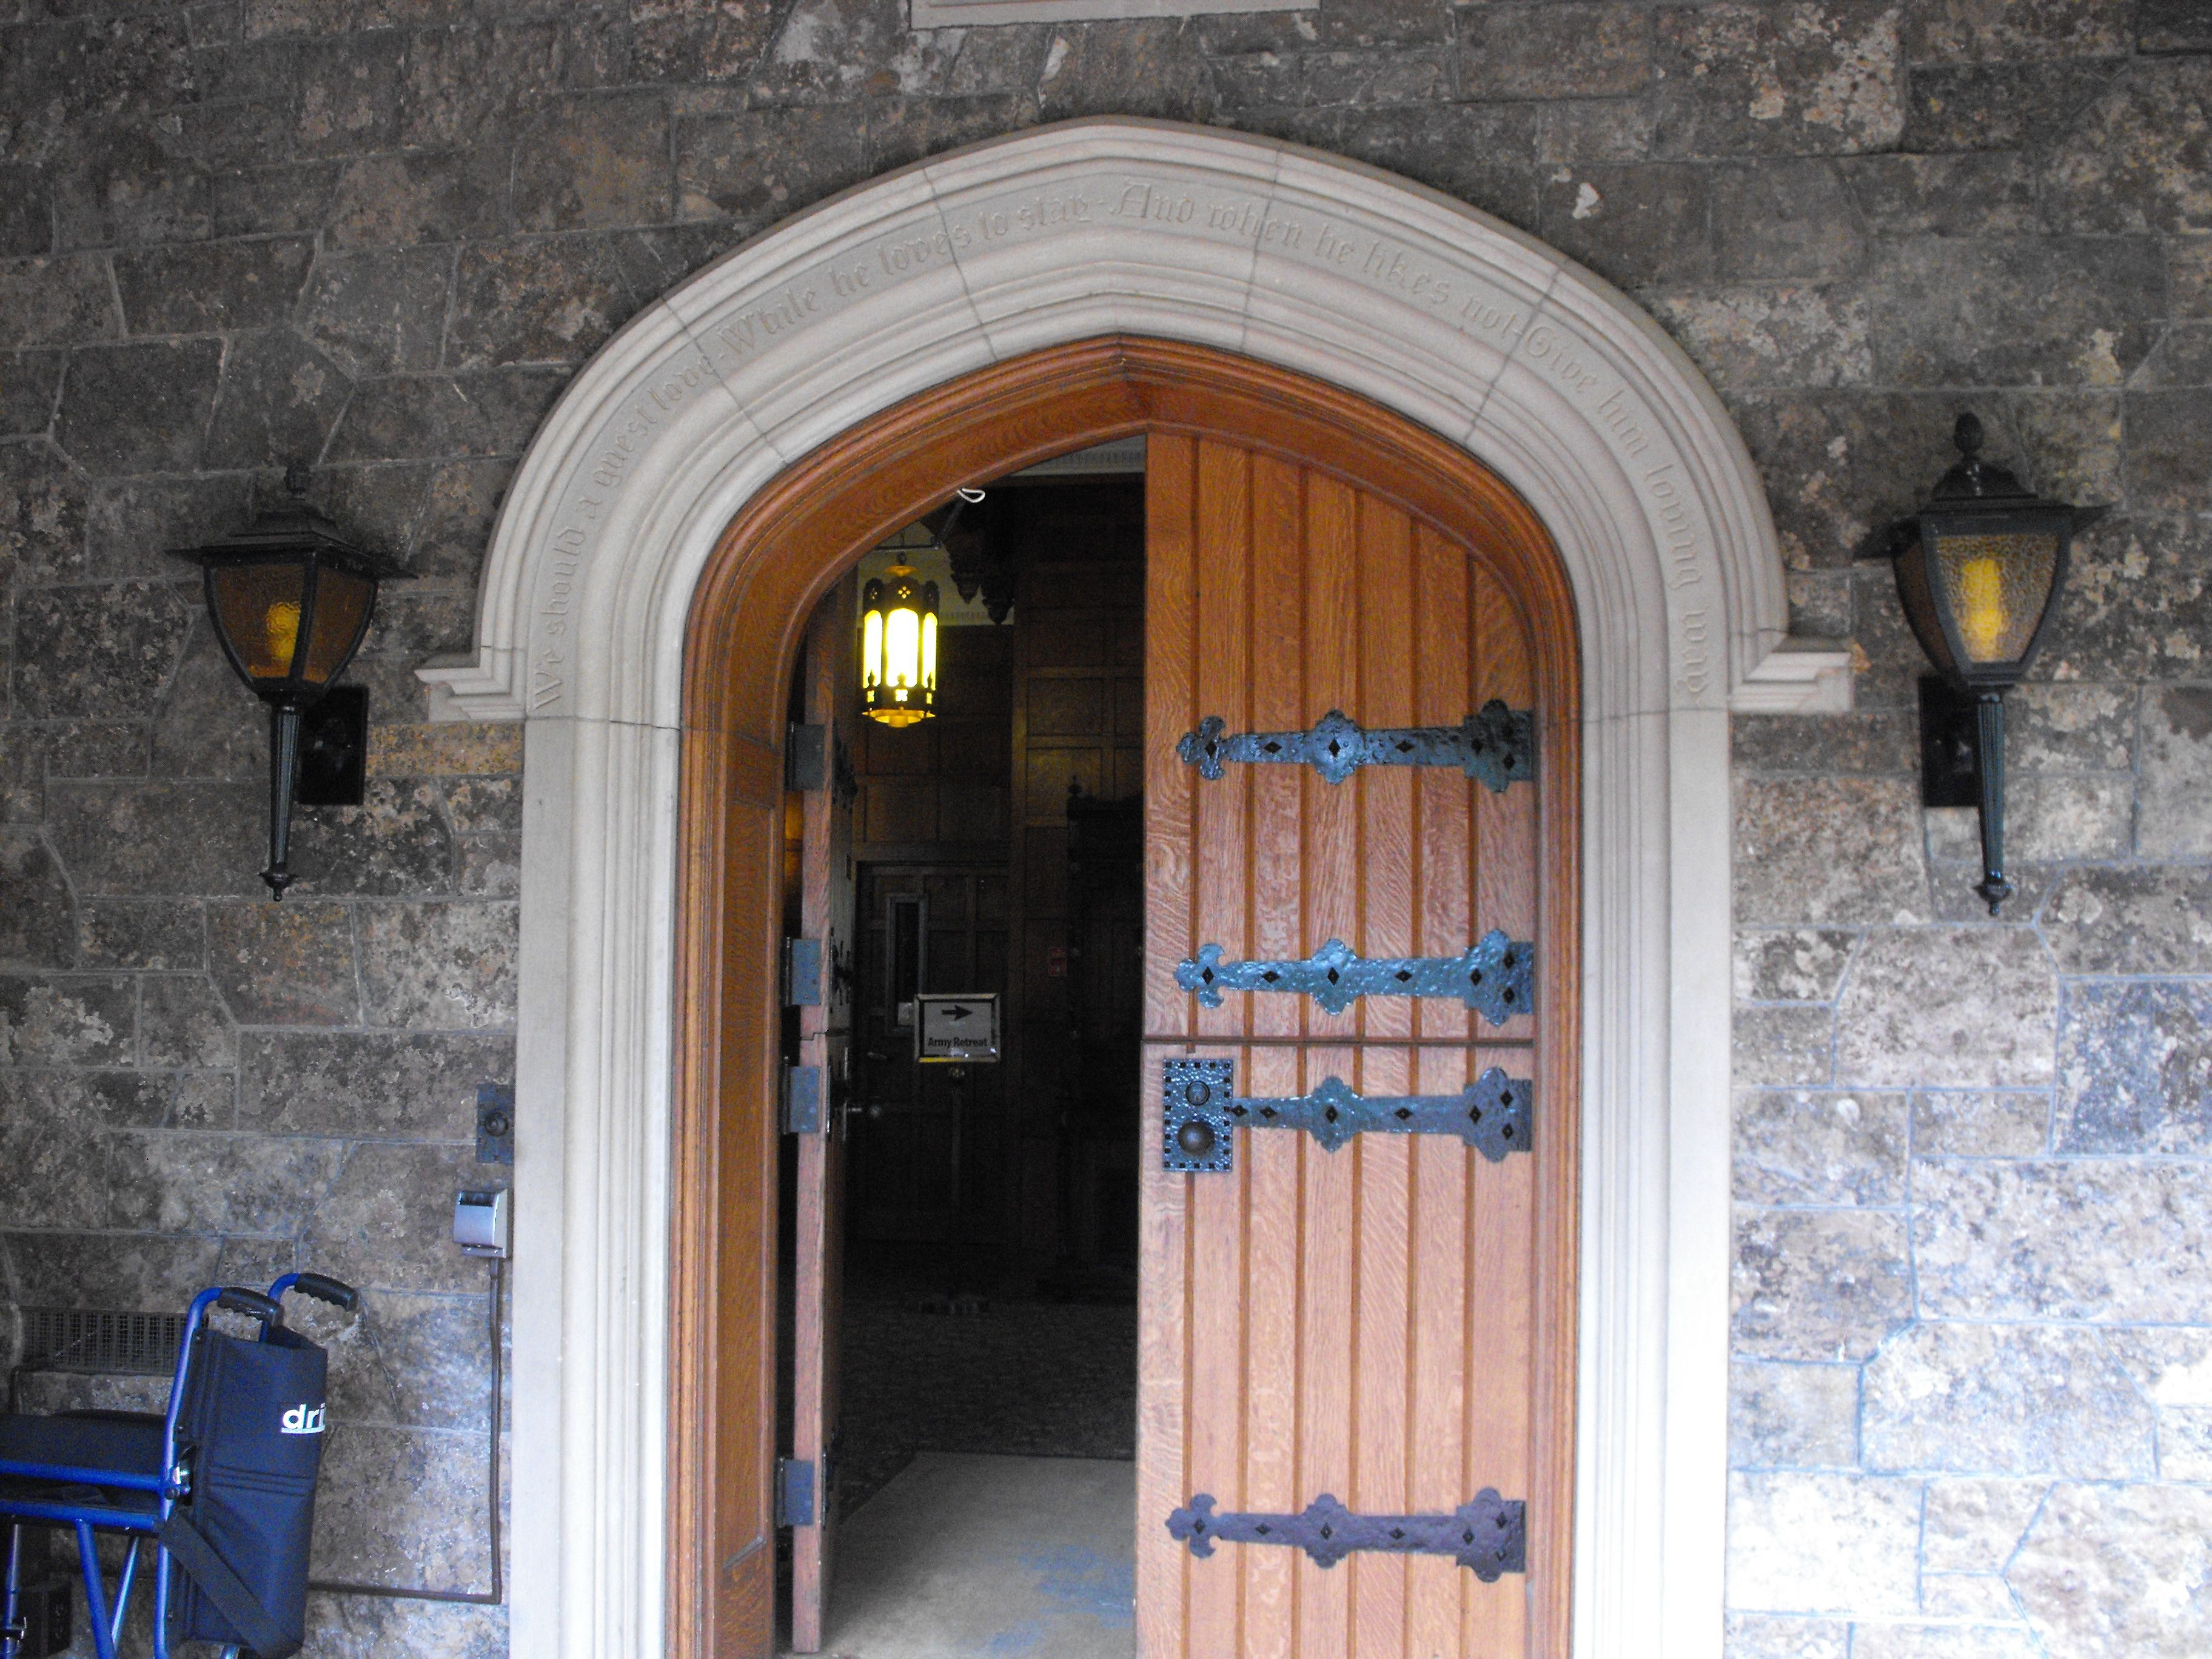 Entrance The Castle Glen Eyrie Colorado. I ACTUALLY walked through these doors! & Entrance The Castle Glen Eyrie Colorado. I ACTUALLY walked ... Pezcame.Com